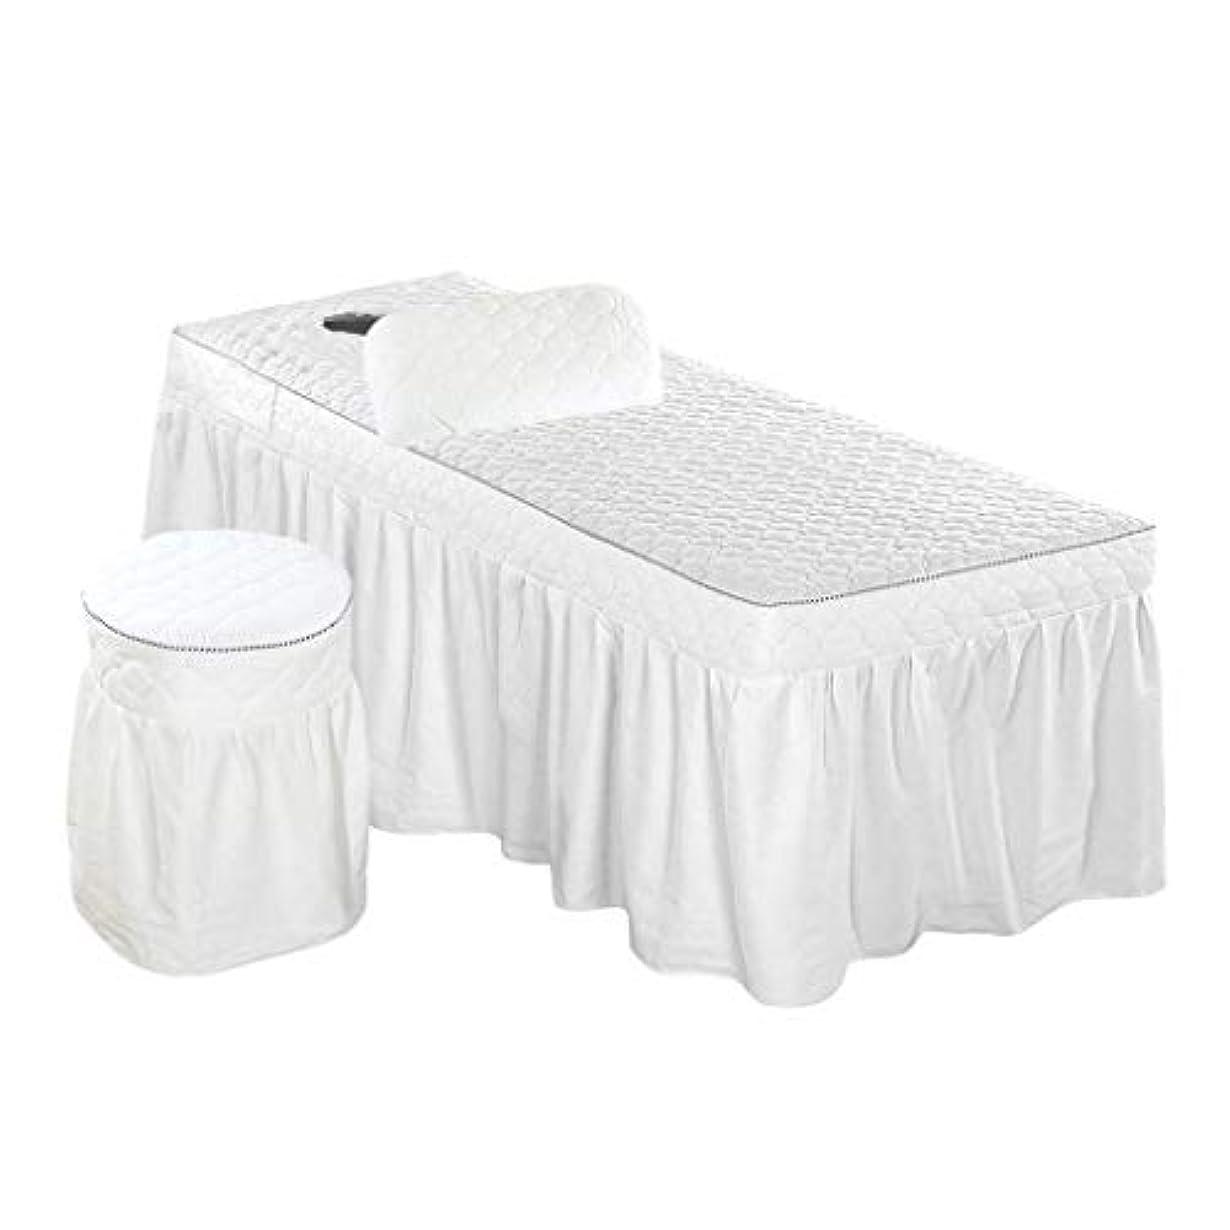 番目ブリーフケース委任するエステベッドカバー 美容ベッドカバー 有孔 スツールカバー ピローケース付き - ホワイト